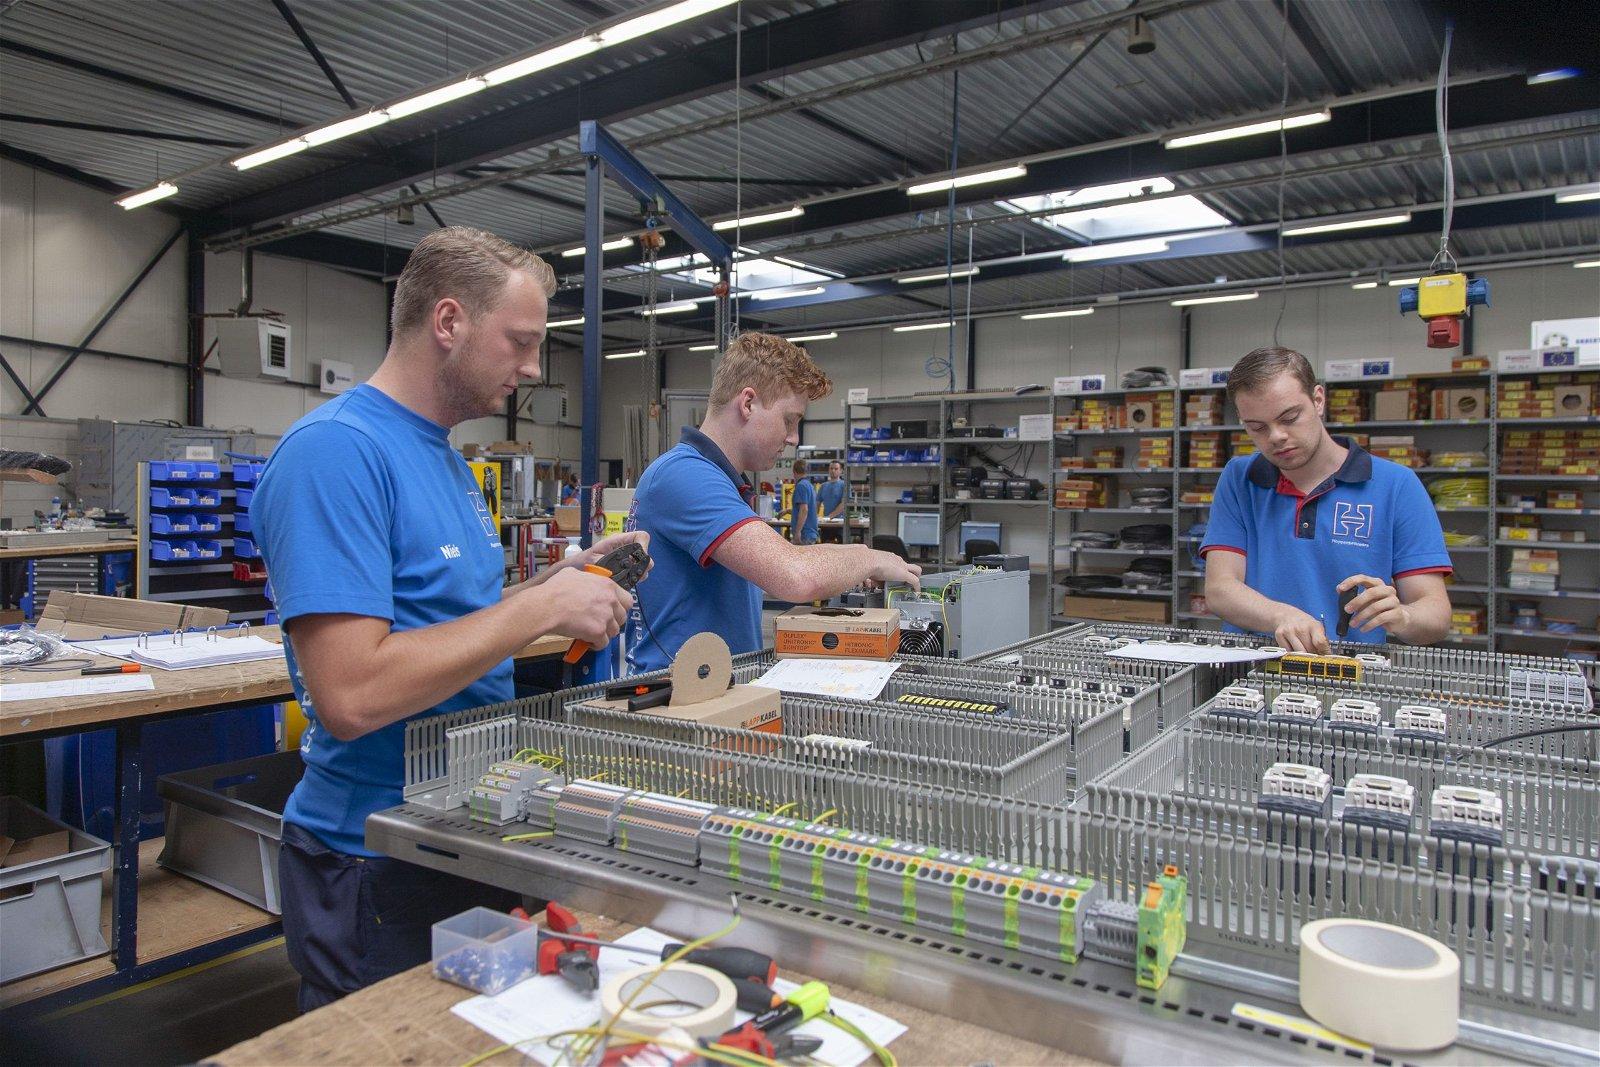 Monteurs van Hoppenbrouwers Techniek in de panelenbouw